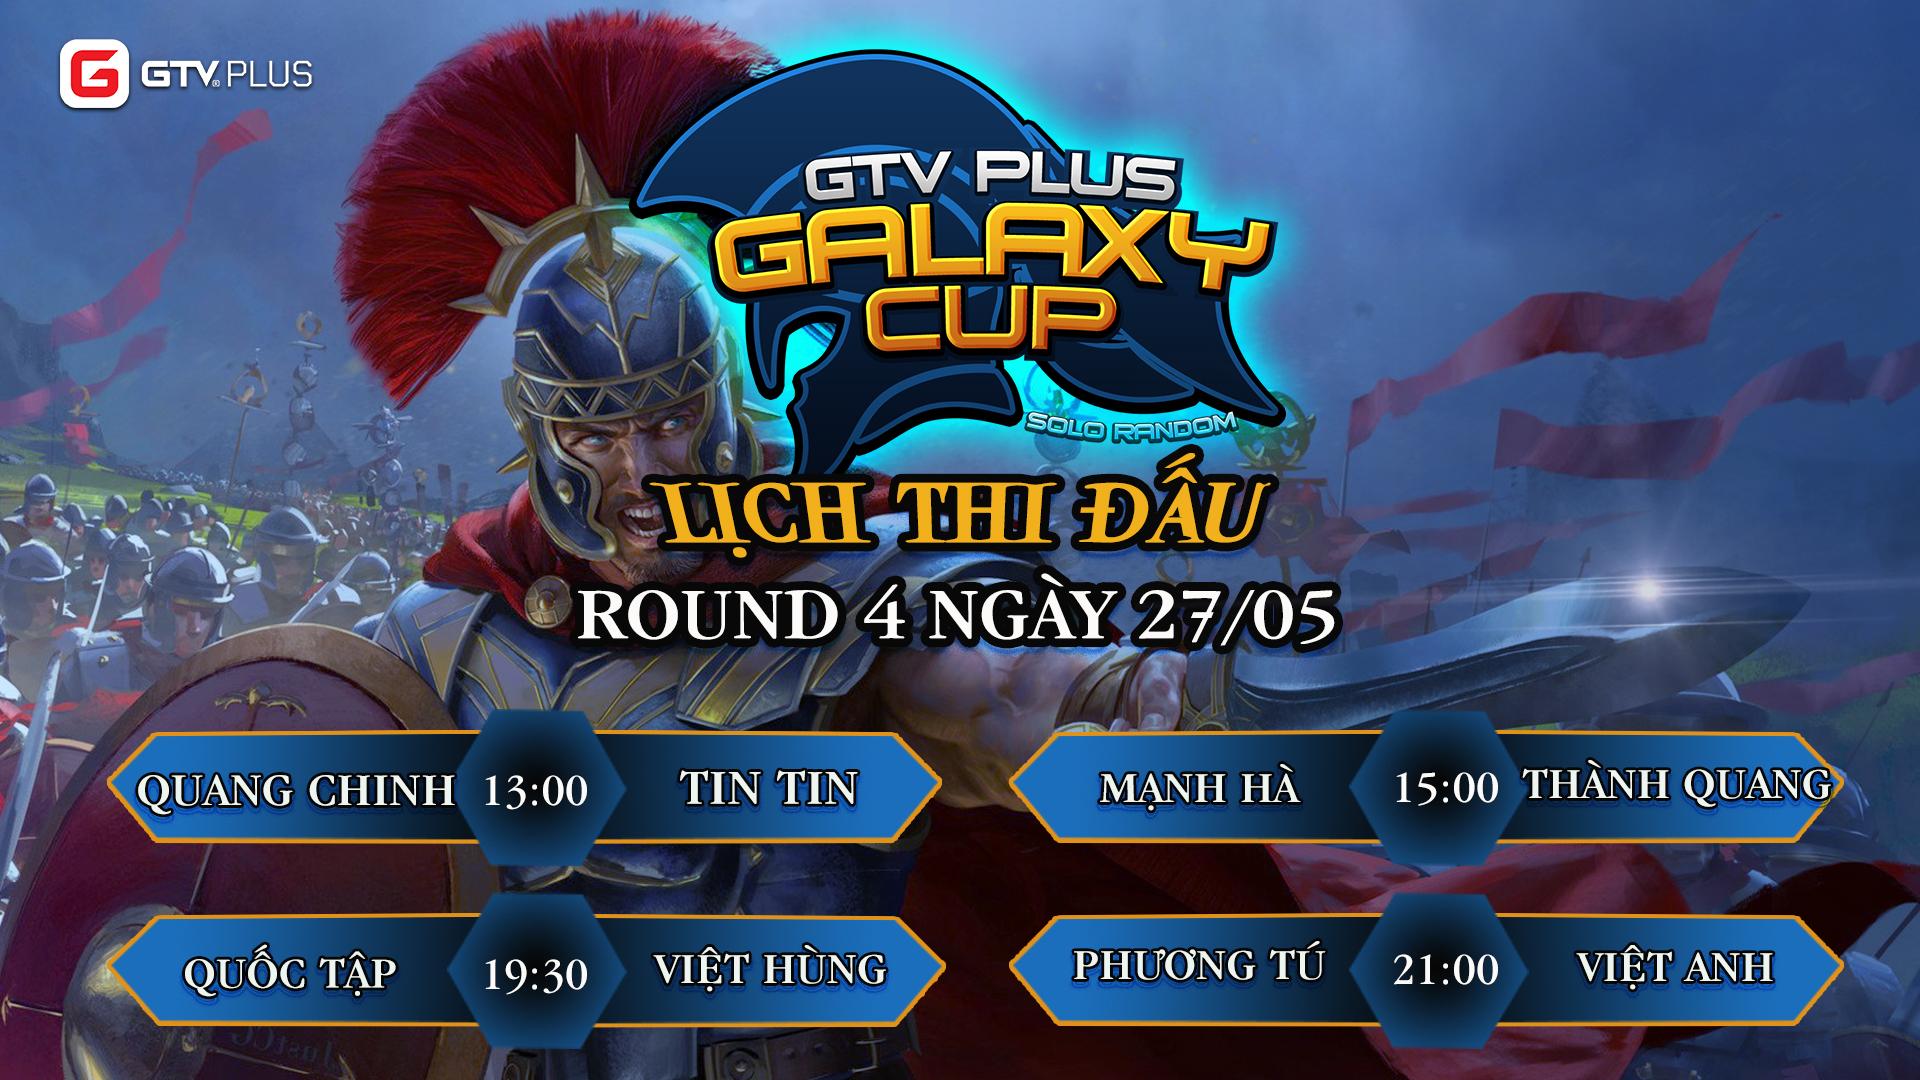 Lịch thi đấu ngày thi đấu ngày 27 tháng 5 Giải đấu AOE GTV PLUS GALAXY CUP 2021